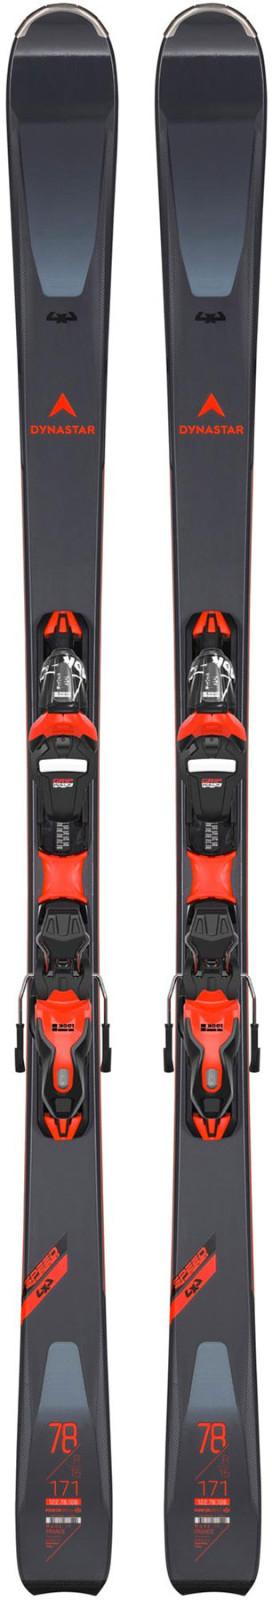 Dynastar Speed Zone 4x4 78 Xpress + Xpress 11 GW